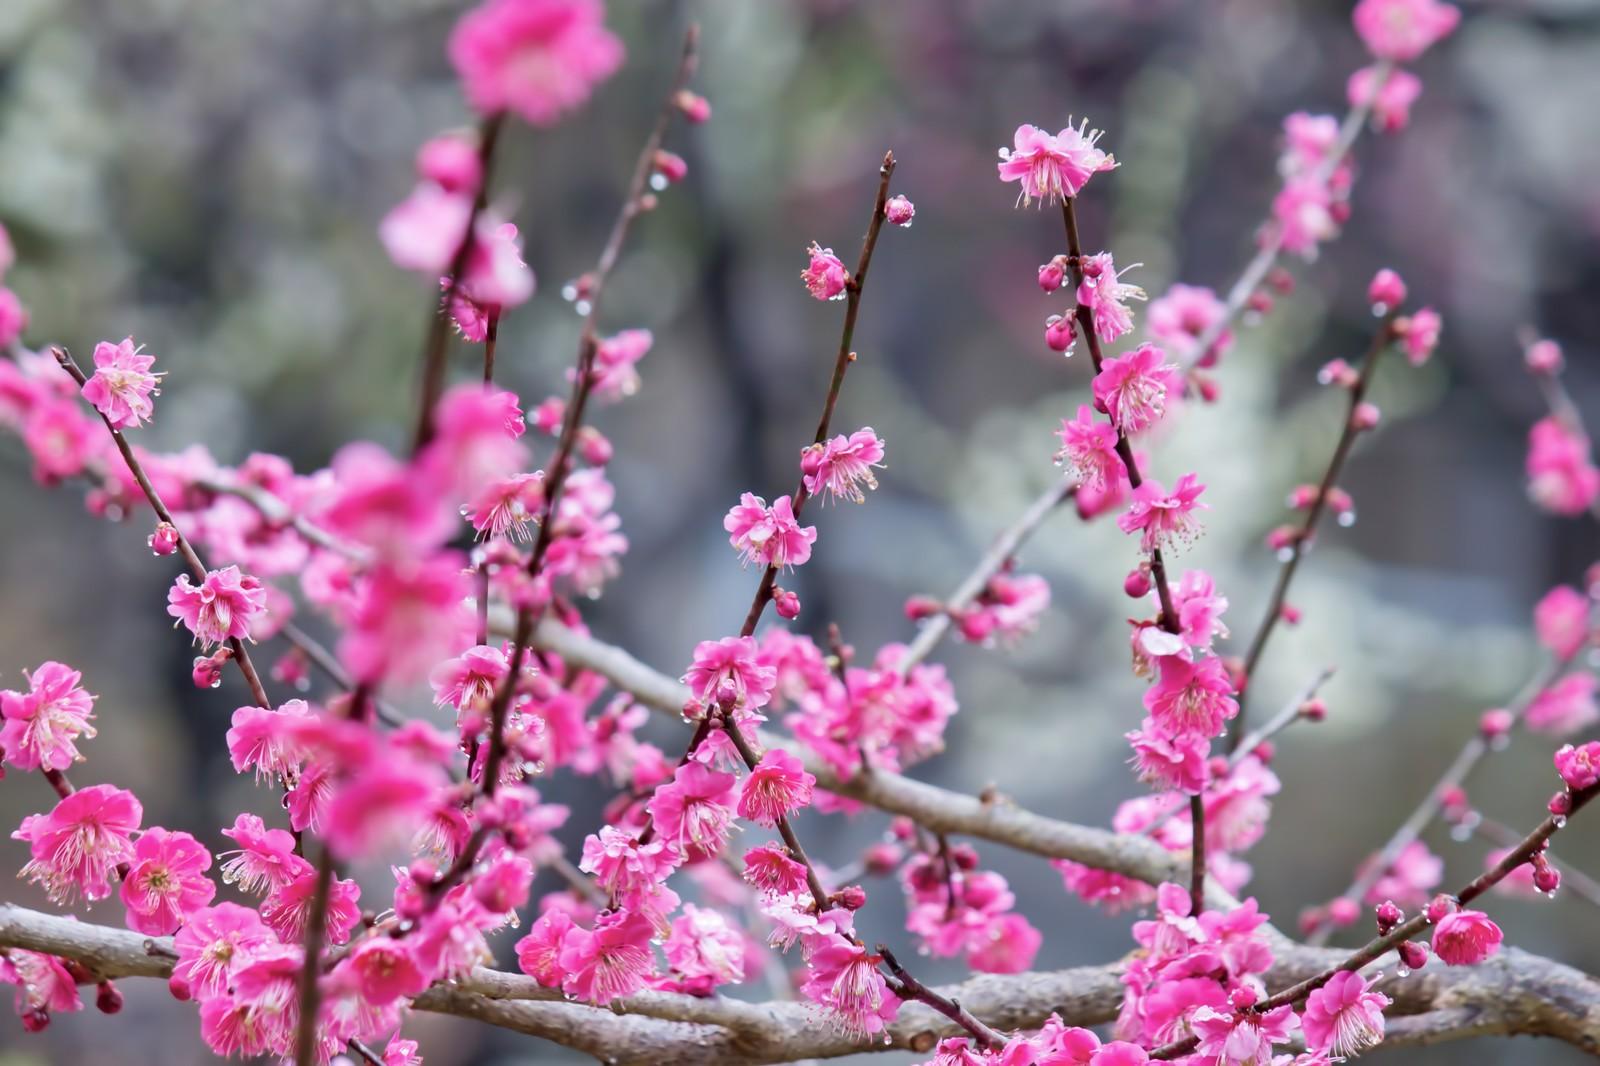 花 キャスト の 孤高